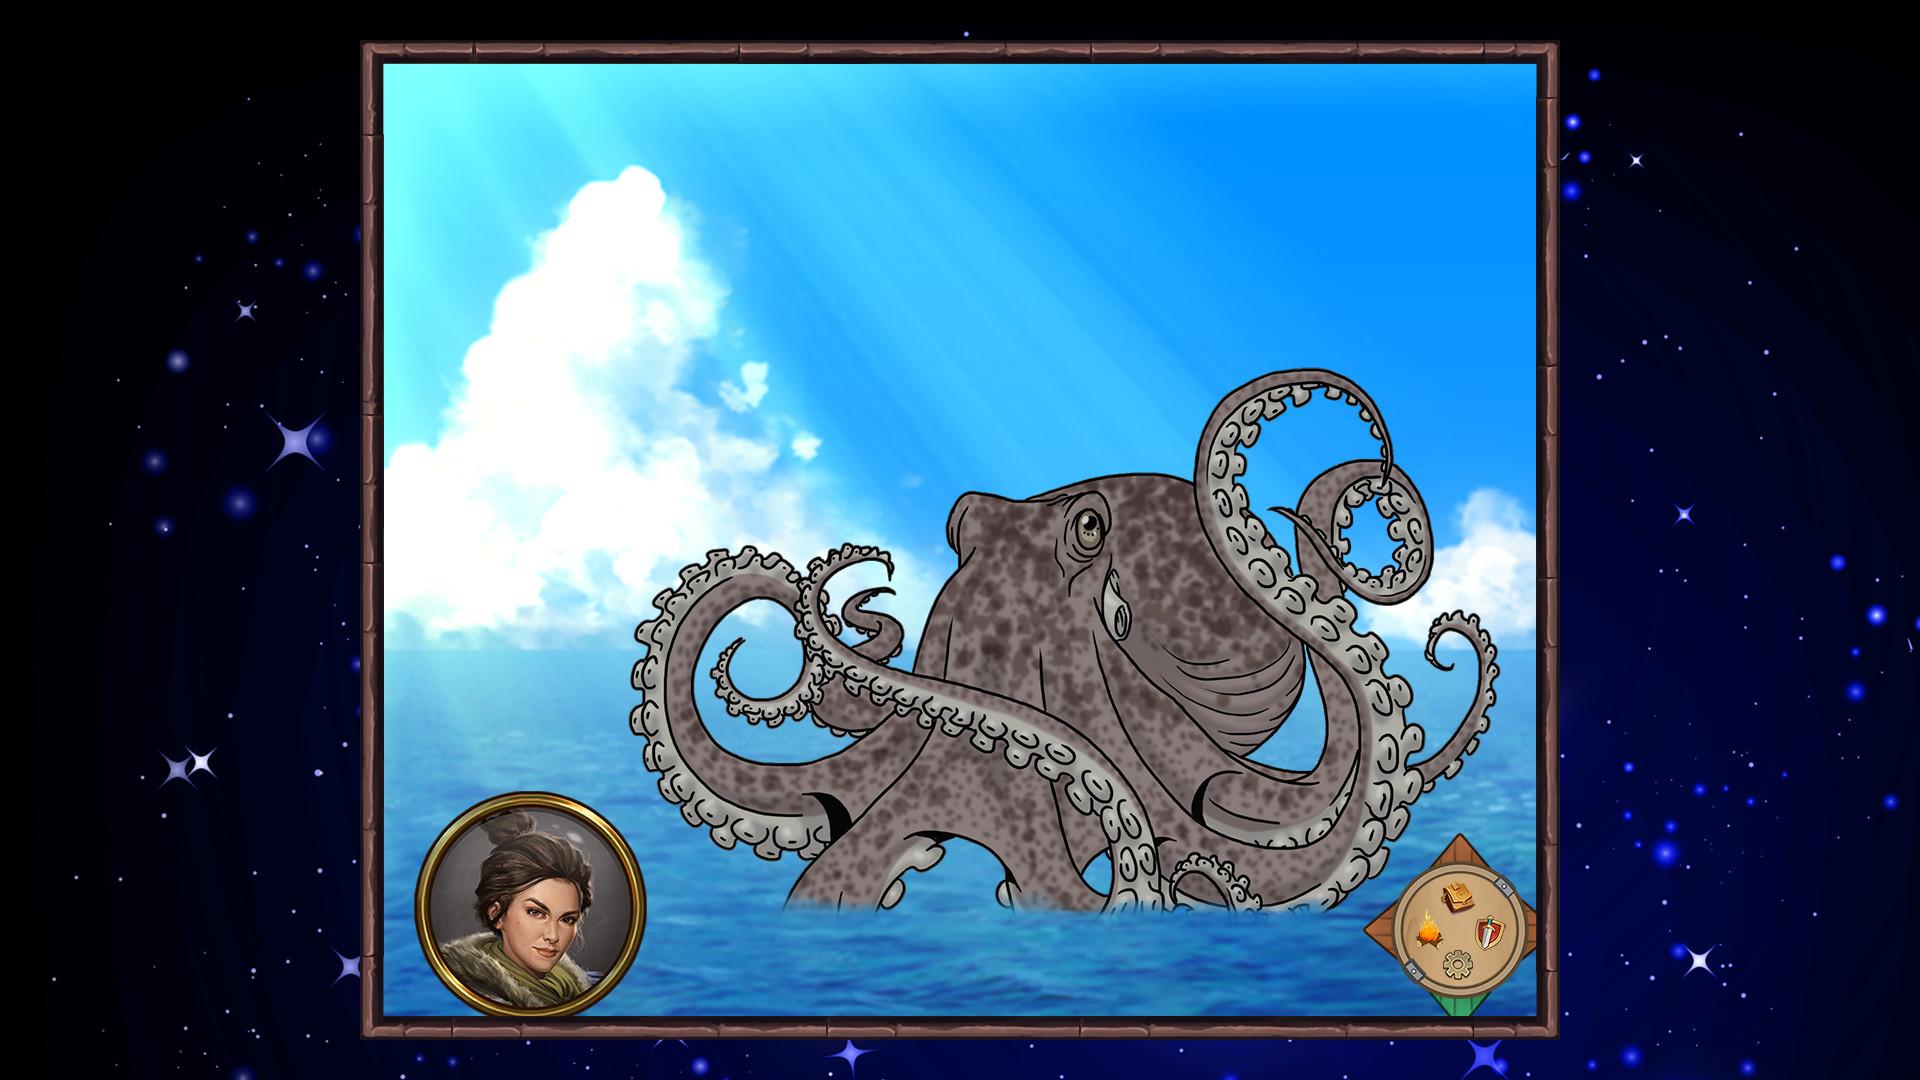 com.steam.952910-screenshot